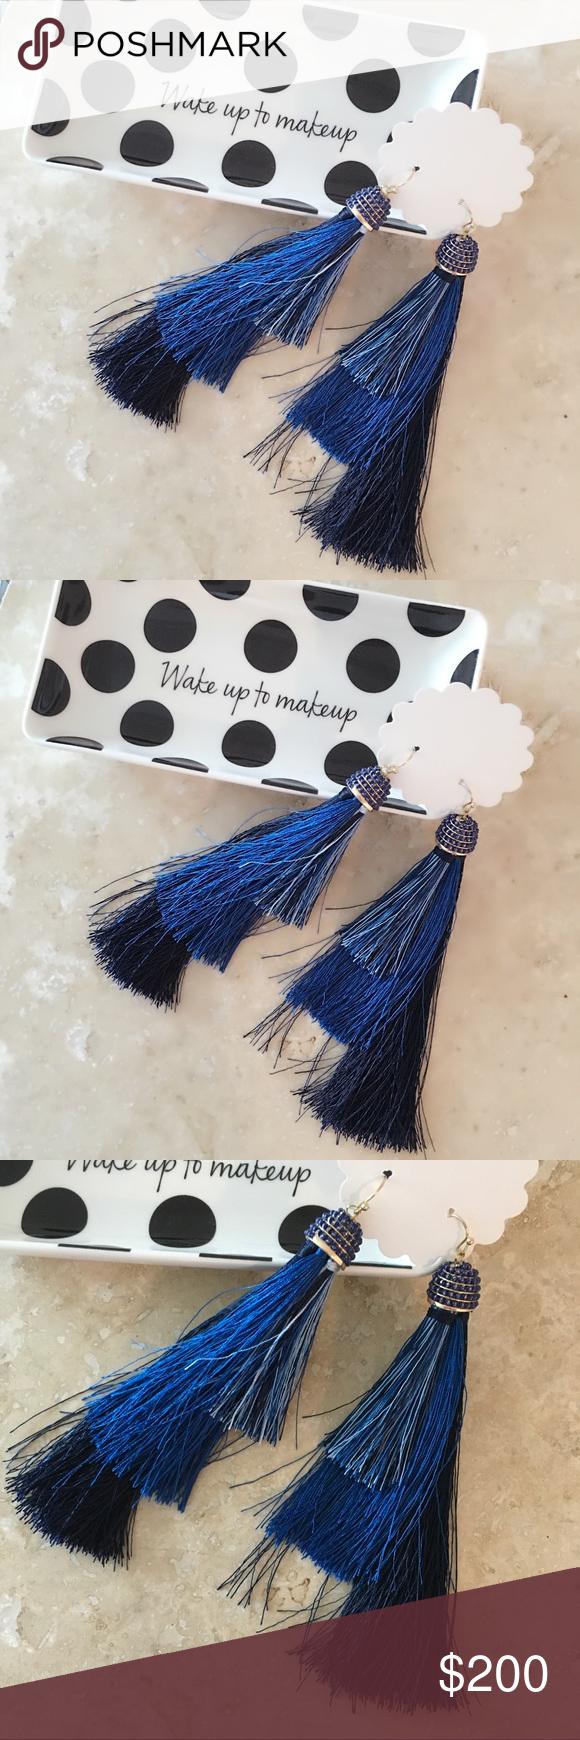 Just innavy blue ombre tassel earrings boutique blue ombre